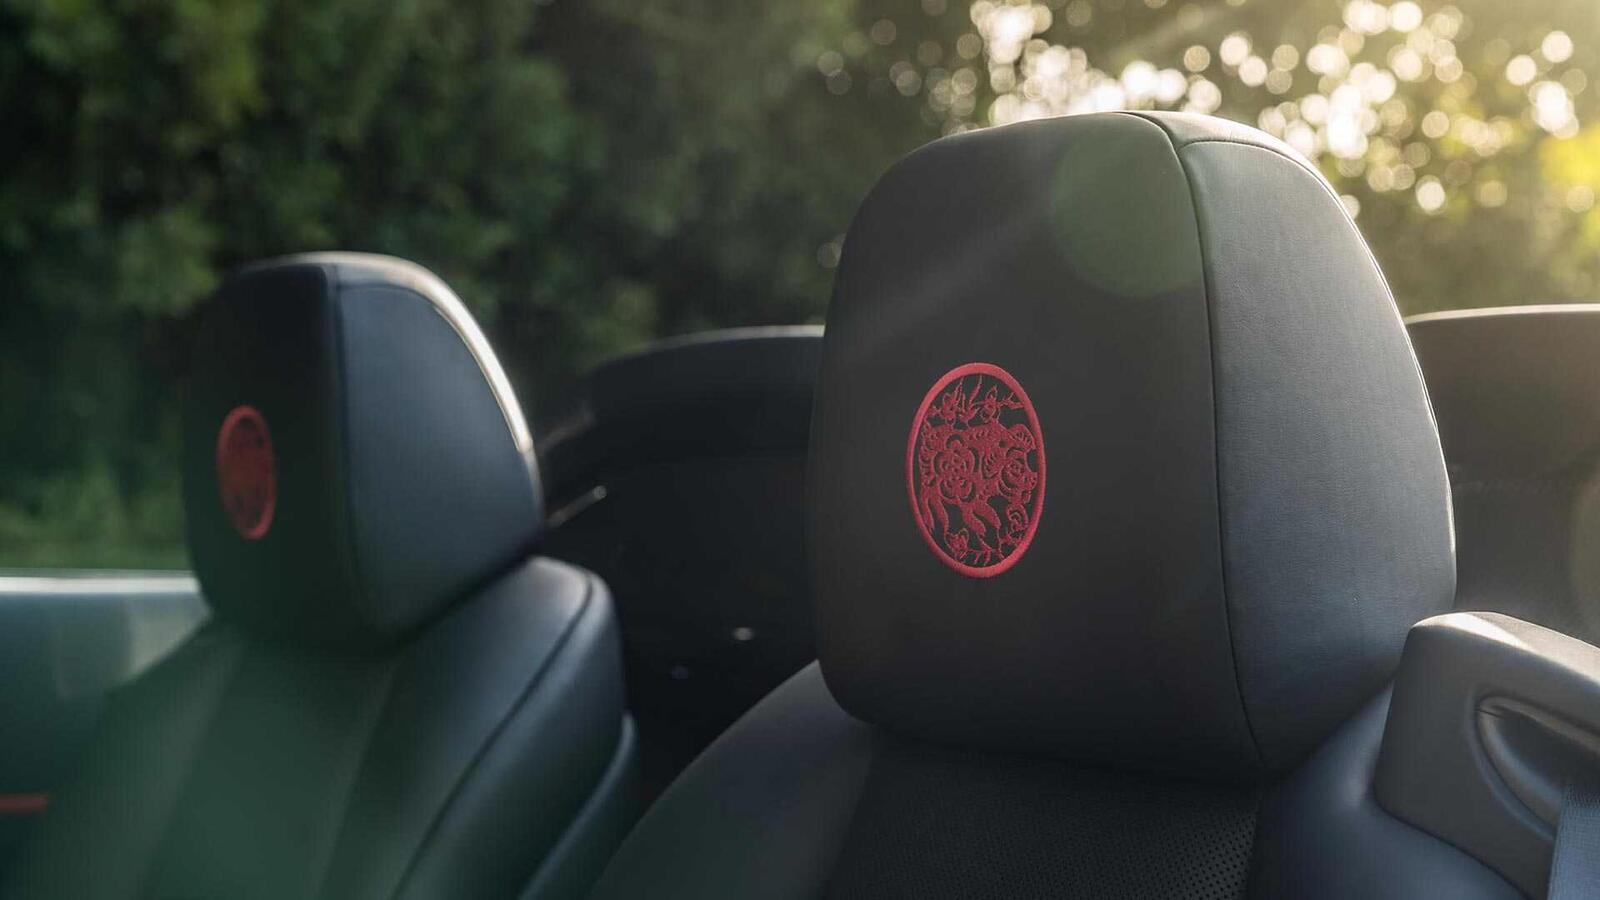 Mừng năm Kỷ Hợi, Rolls-Royce giới thiệu Ghost, Wraith và Dawn phiên bản đặc biệt ''Year of the Pig'' - Hình 4